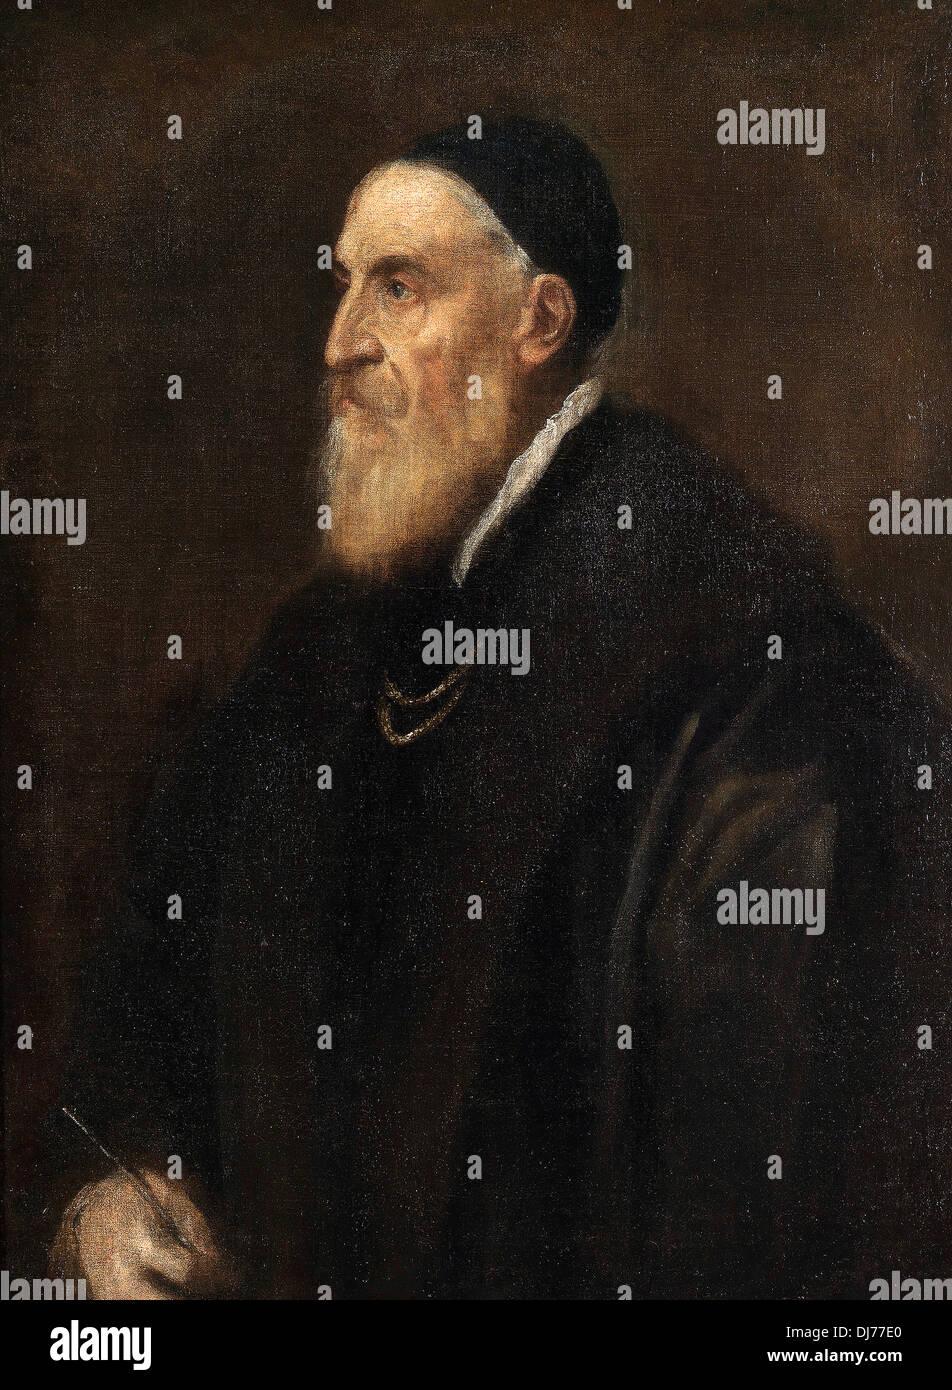 Titian, Tiziano Vecellio, self portrait - Stock Image